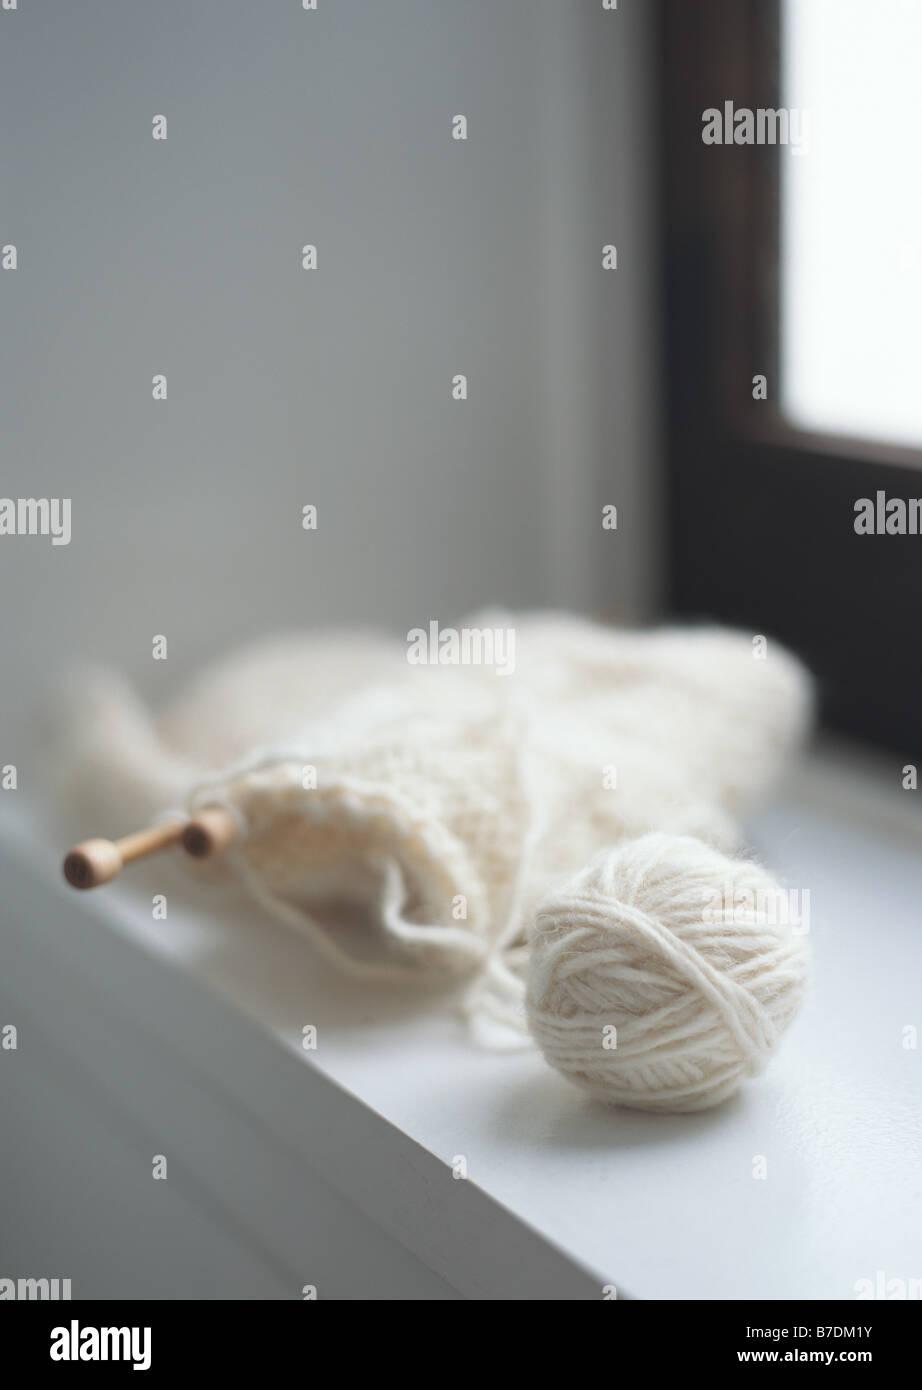 Half-finished white stole on windowsill - Stock Image